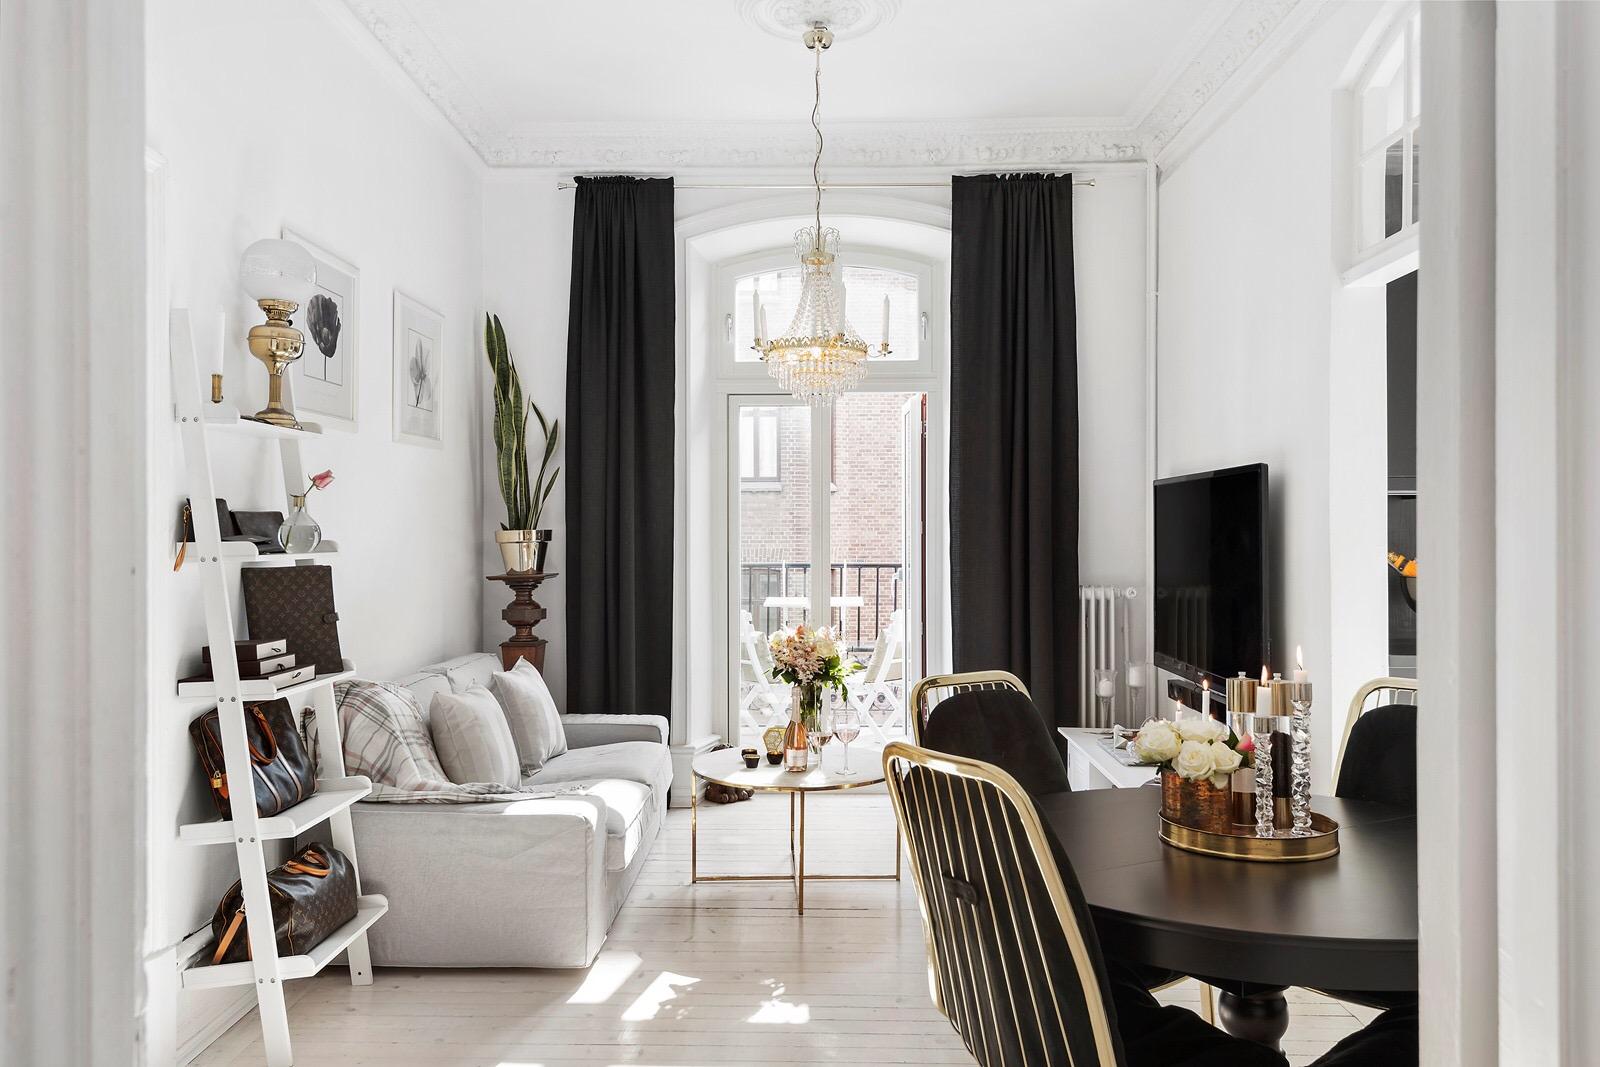 дизайн квартиры 2 комнатной